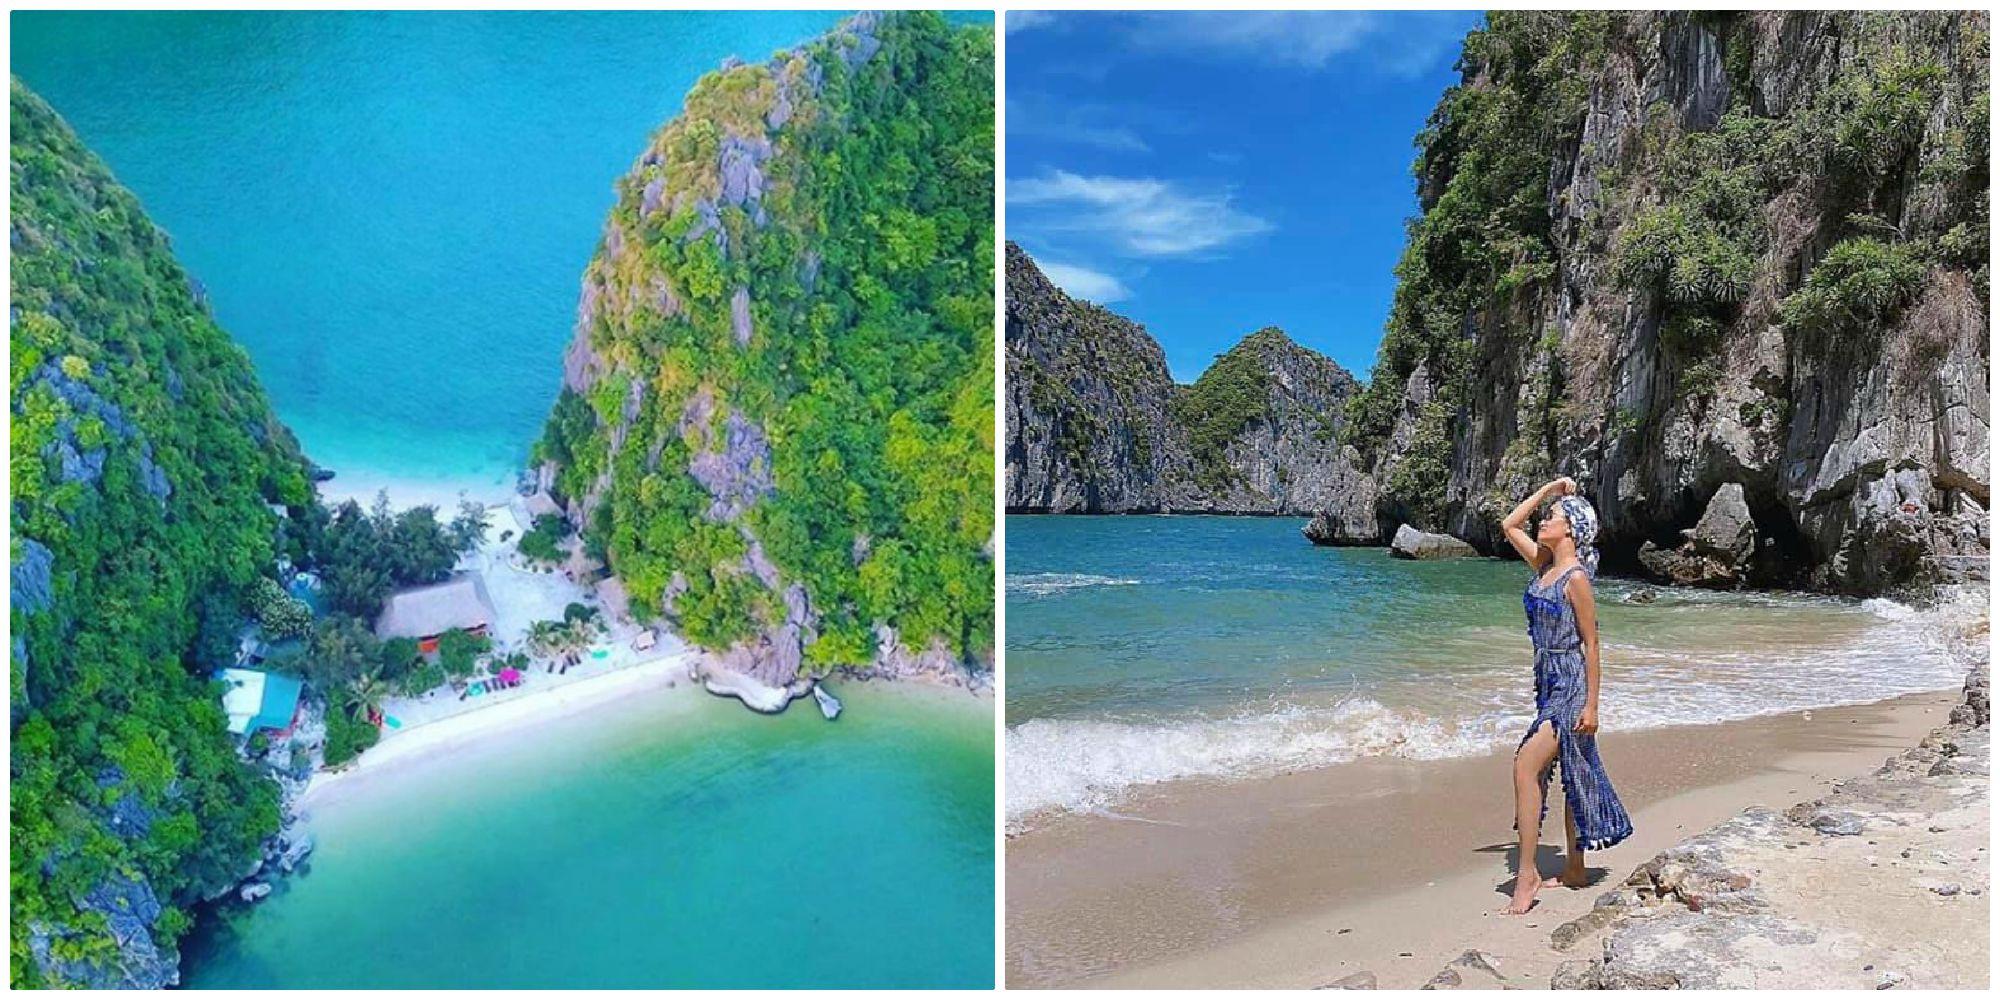 """Phát hiện Hòn đảo sở hữu 2 mặt biển đẹp """"thần sầu"""" ít người biết ở Việt Nam"""